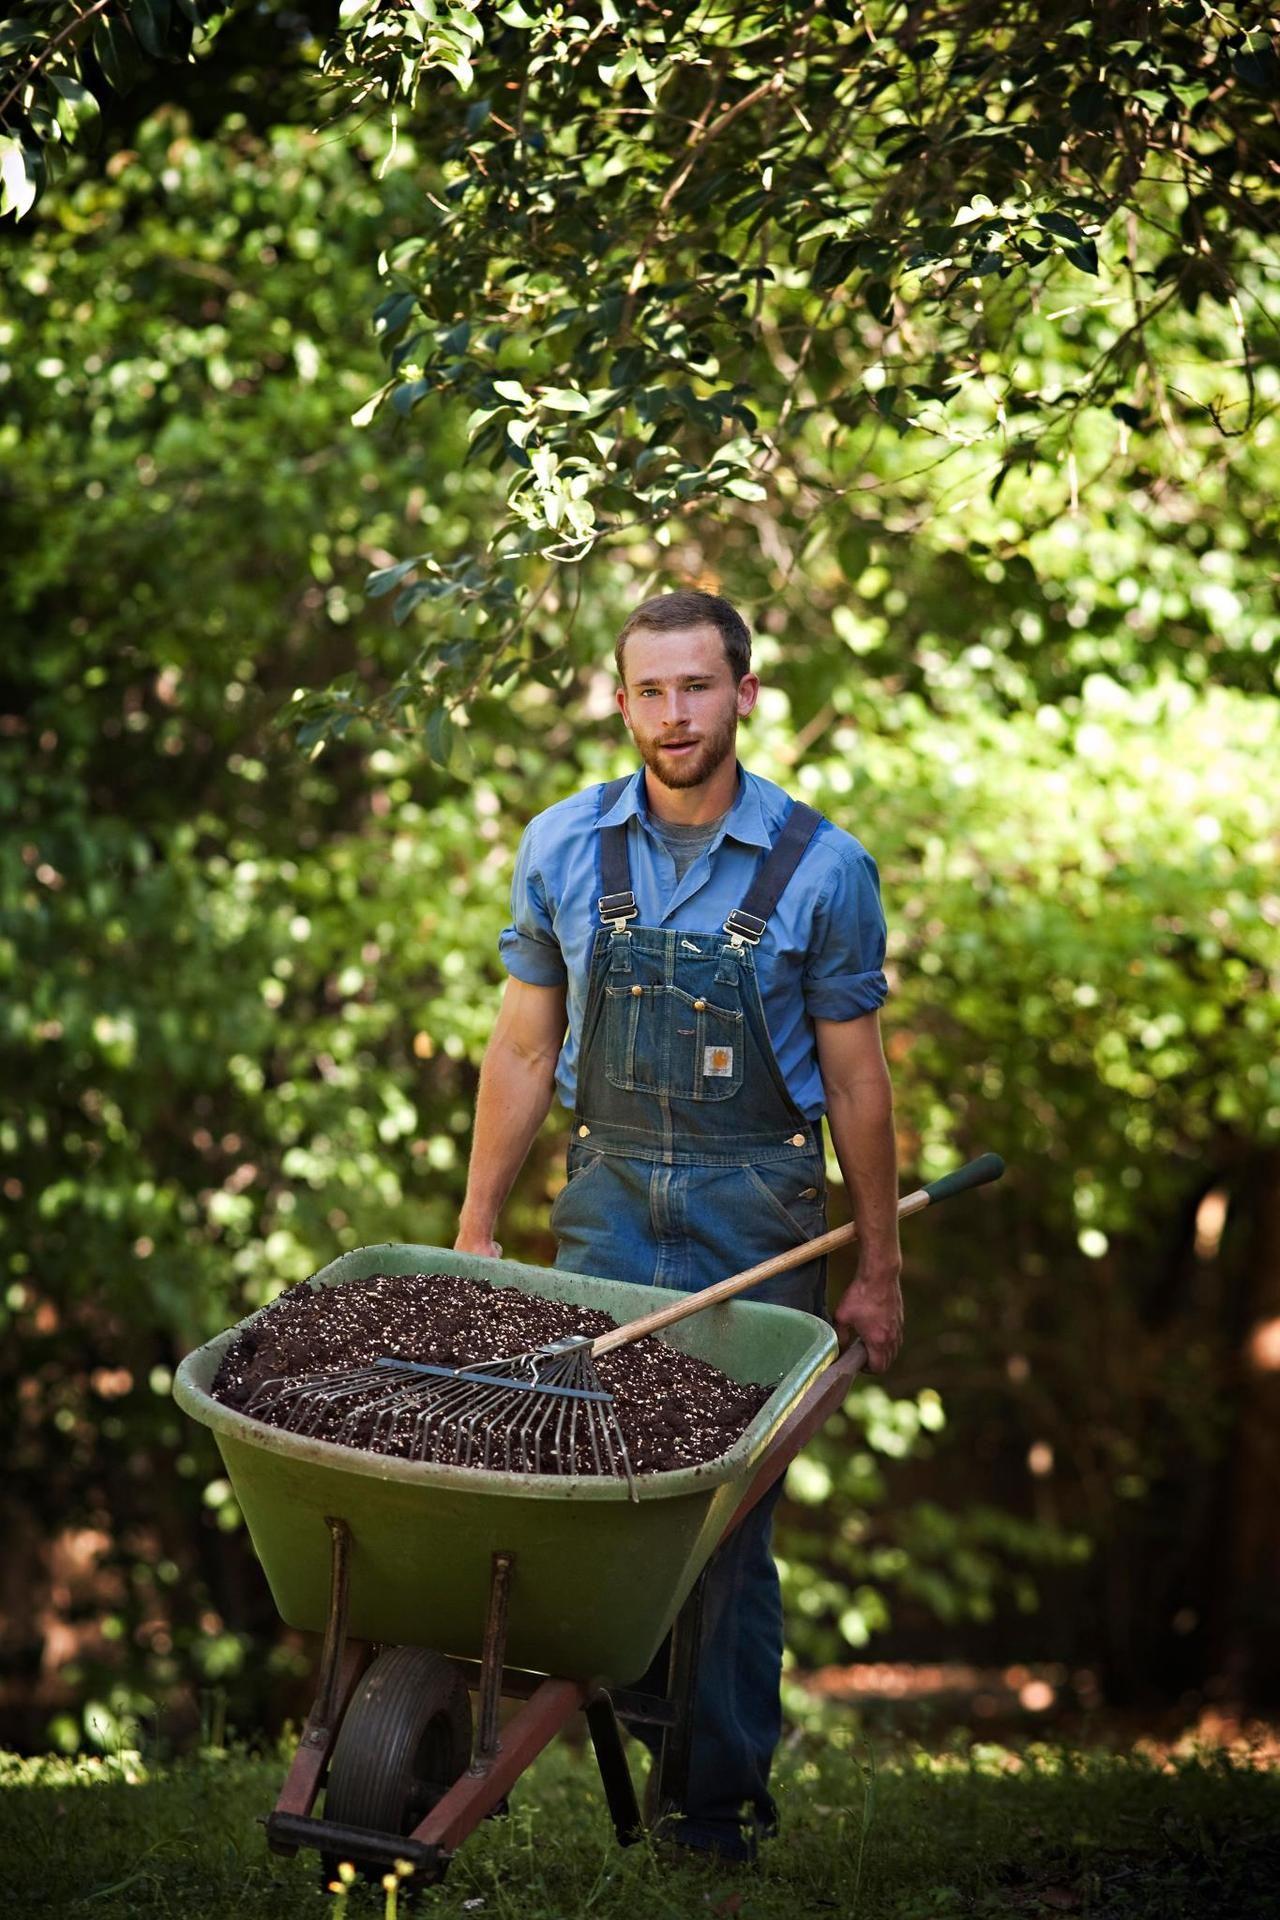 Bí quyết cho một cuộc sống hạnh phúc - Hãy chăm sóc tâm hồn bằng việc chăm sóc cây trong vườn